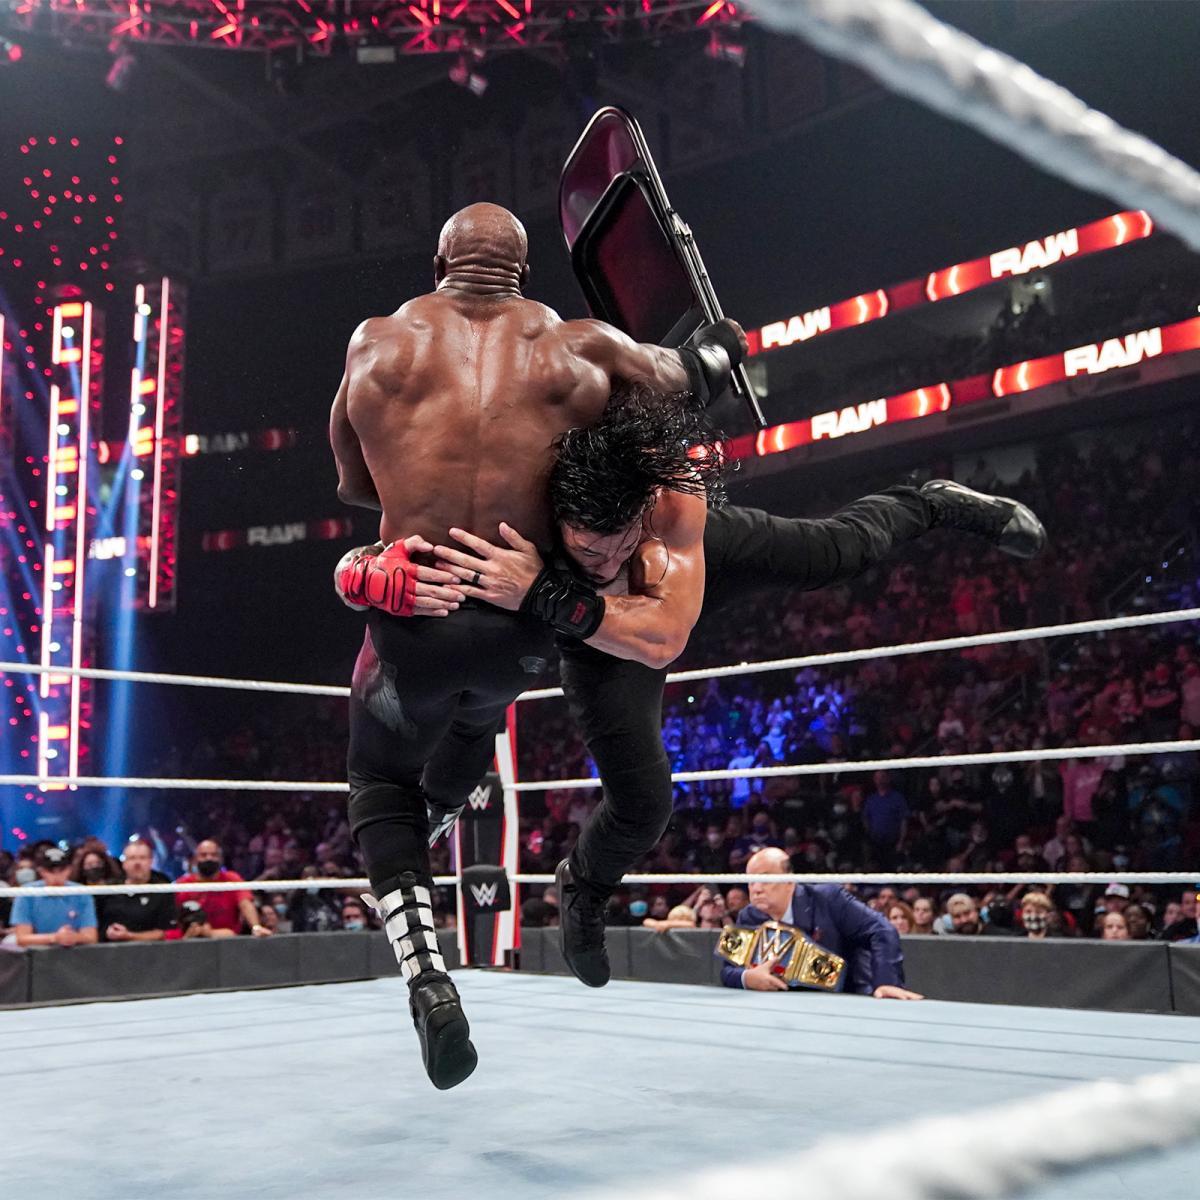 ラシュリー(左)にスピアーを成功させるWWEユニバーサル王者レインズ(C)2021 WWE, Inc. All Rights Reserved.